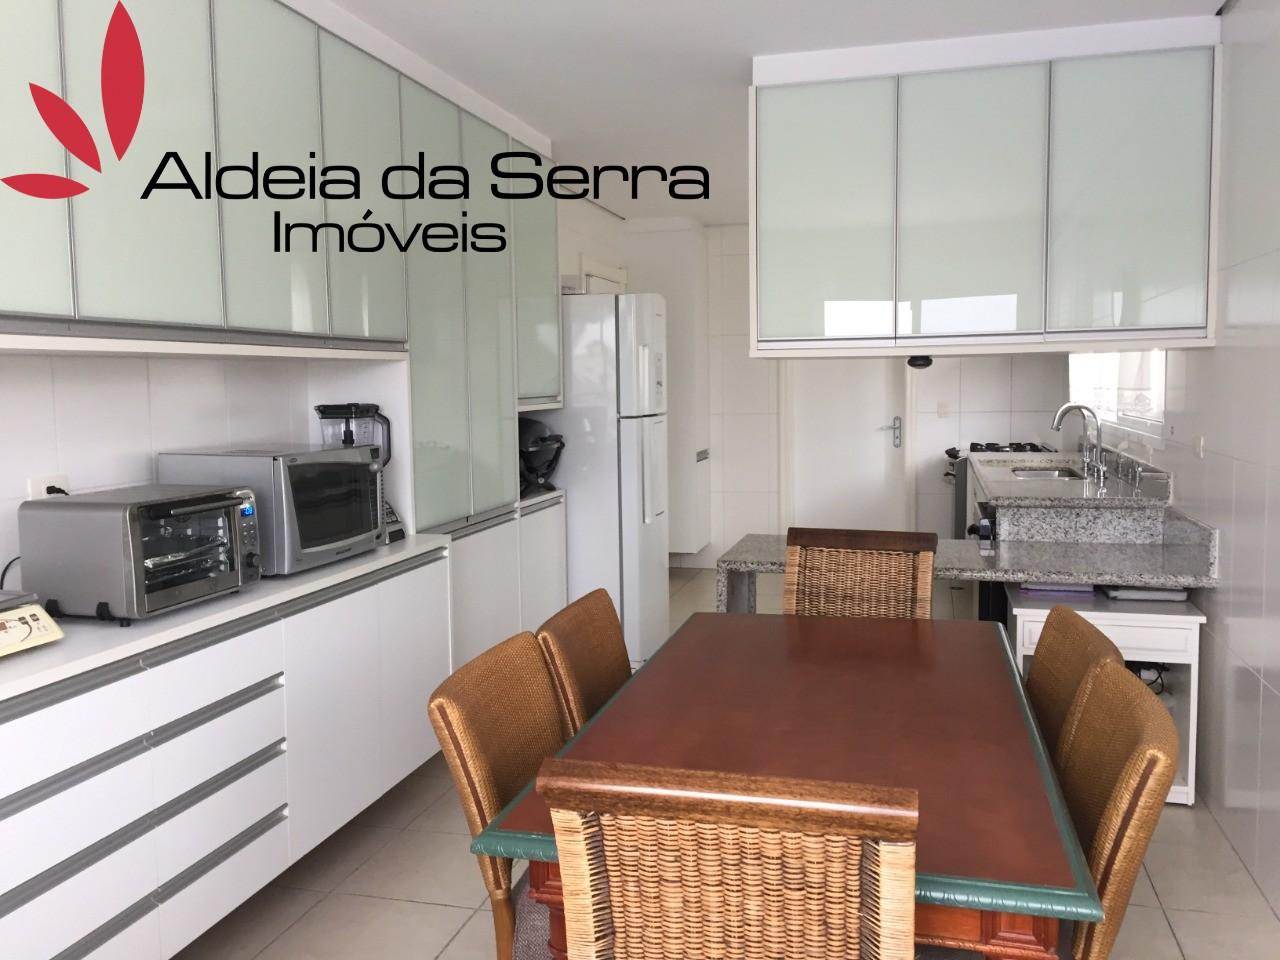 /admin/imoveis/fotos/IMG-20210728-WA0001.jpg Aldeia da Serra Imoveis